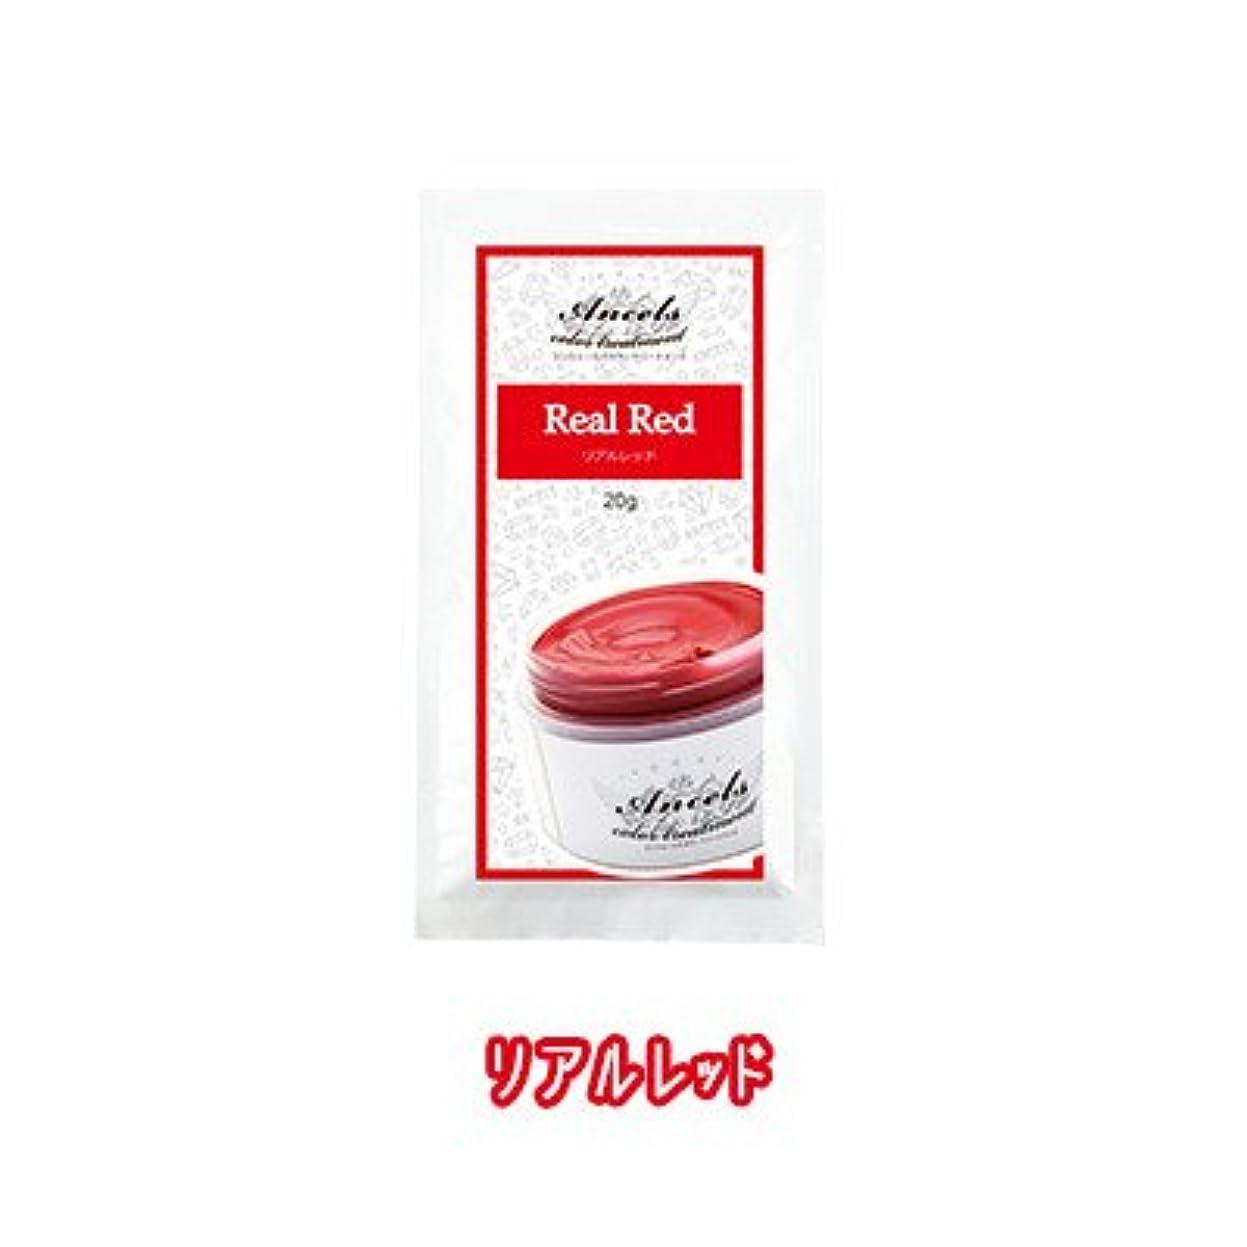 章アラブ人炭水化物エンシェールズ カラートリートメントバター プチ(お試しサイズ) リアルレッド 20g